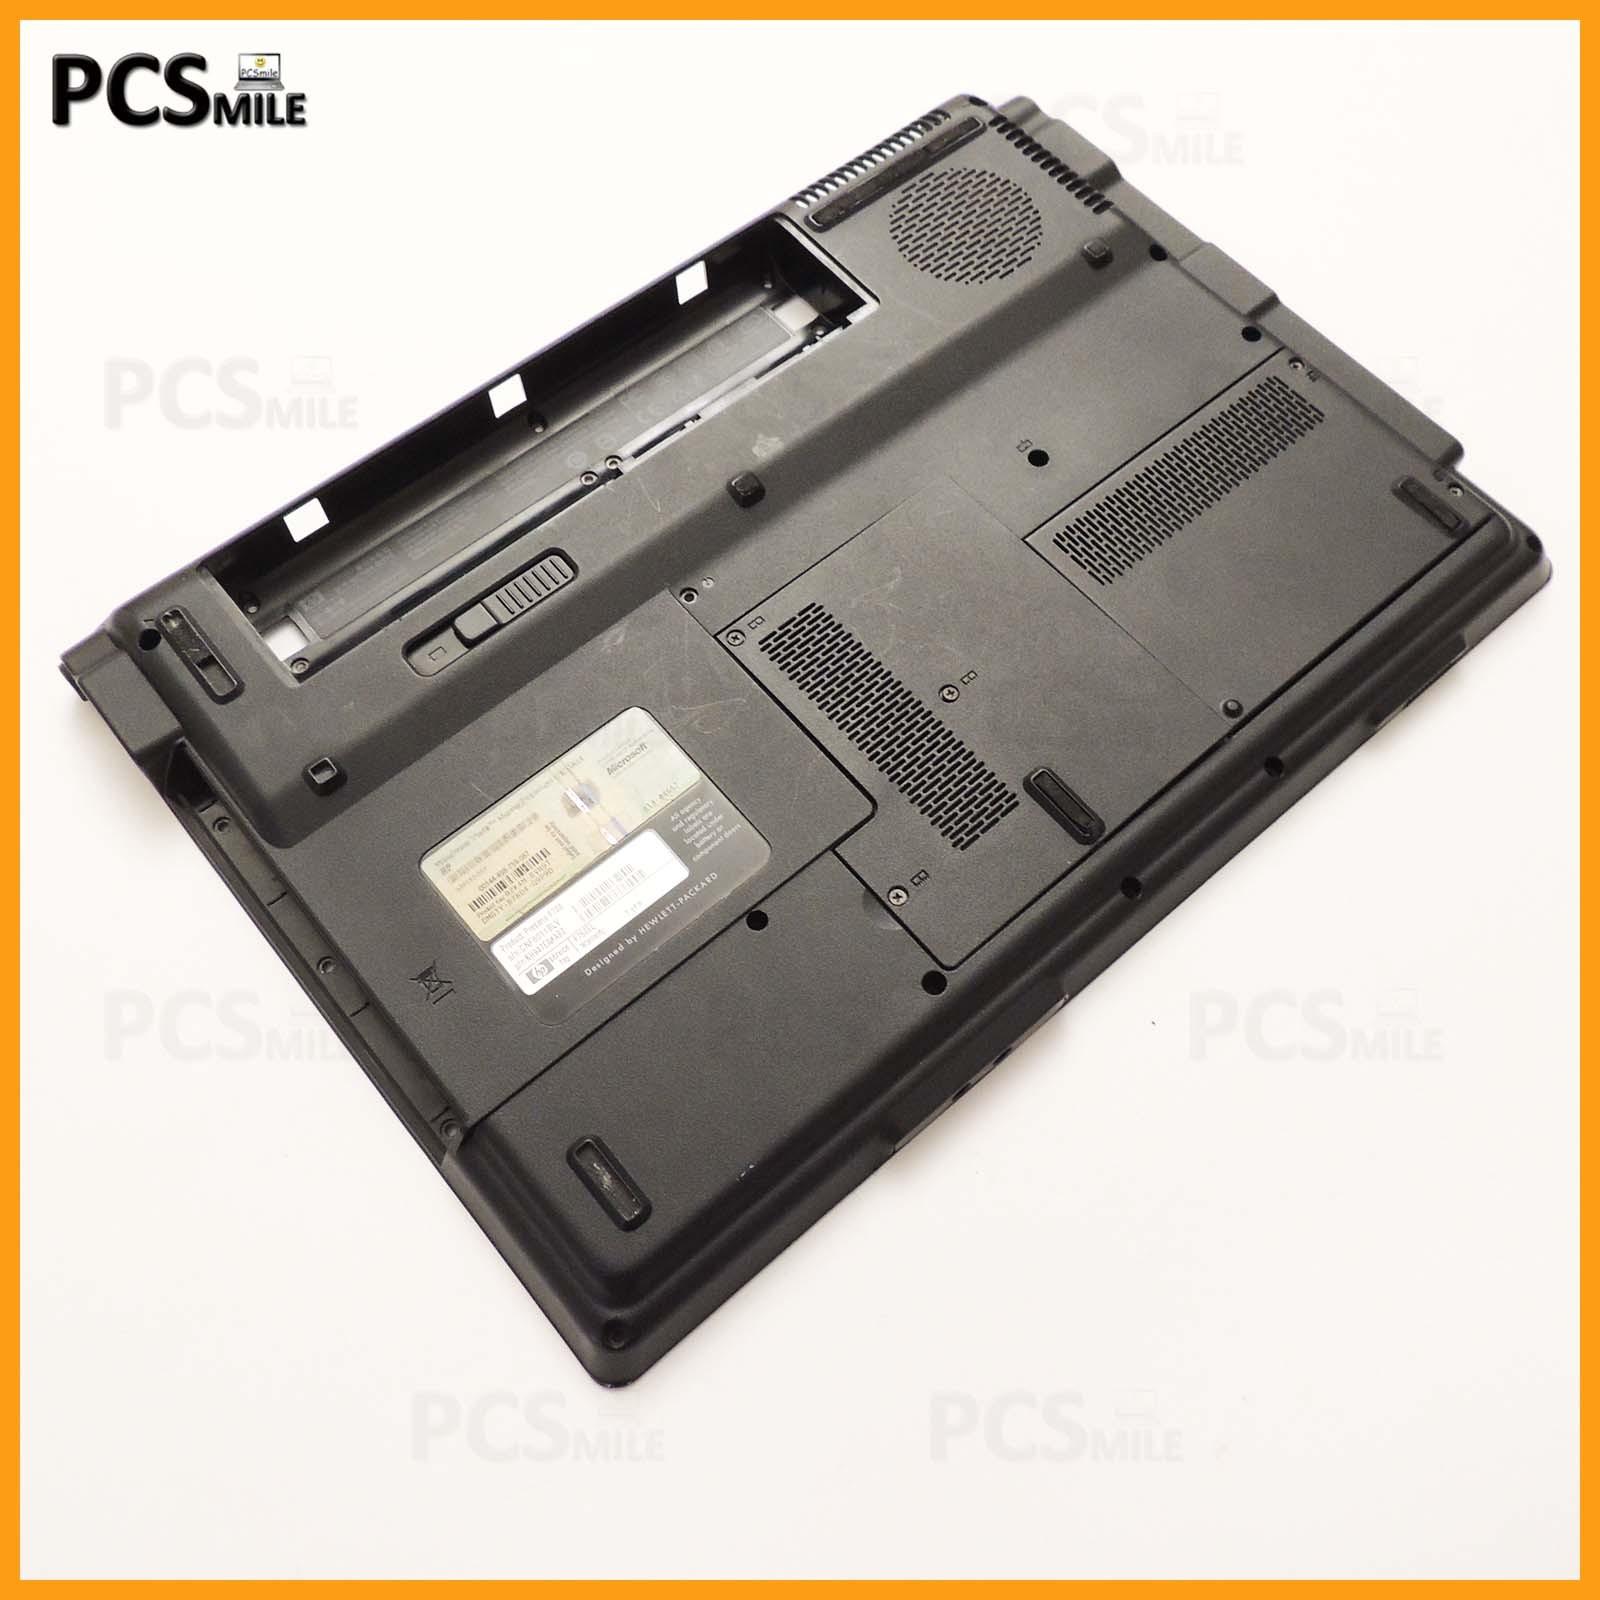 Scocca posteriore Presario F700 F750EL 442890-001 tappo RAM HD hard disk